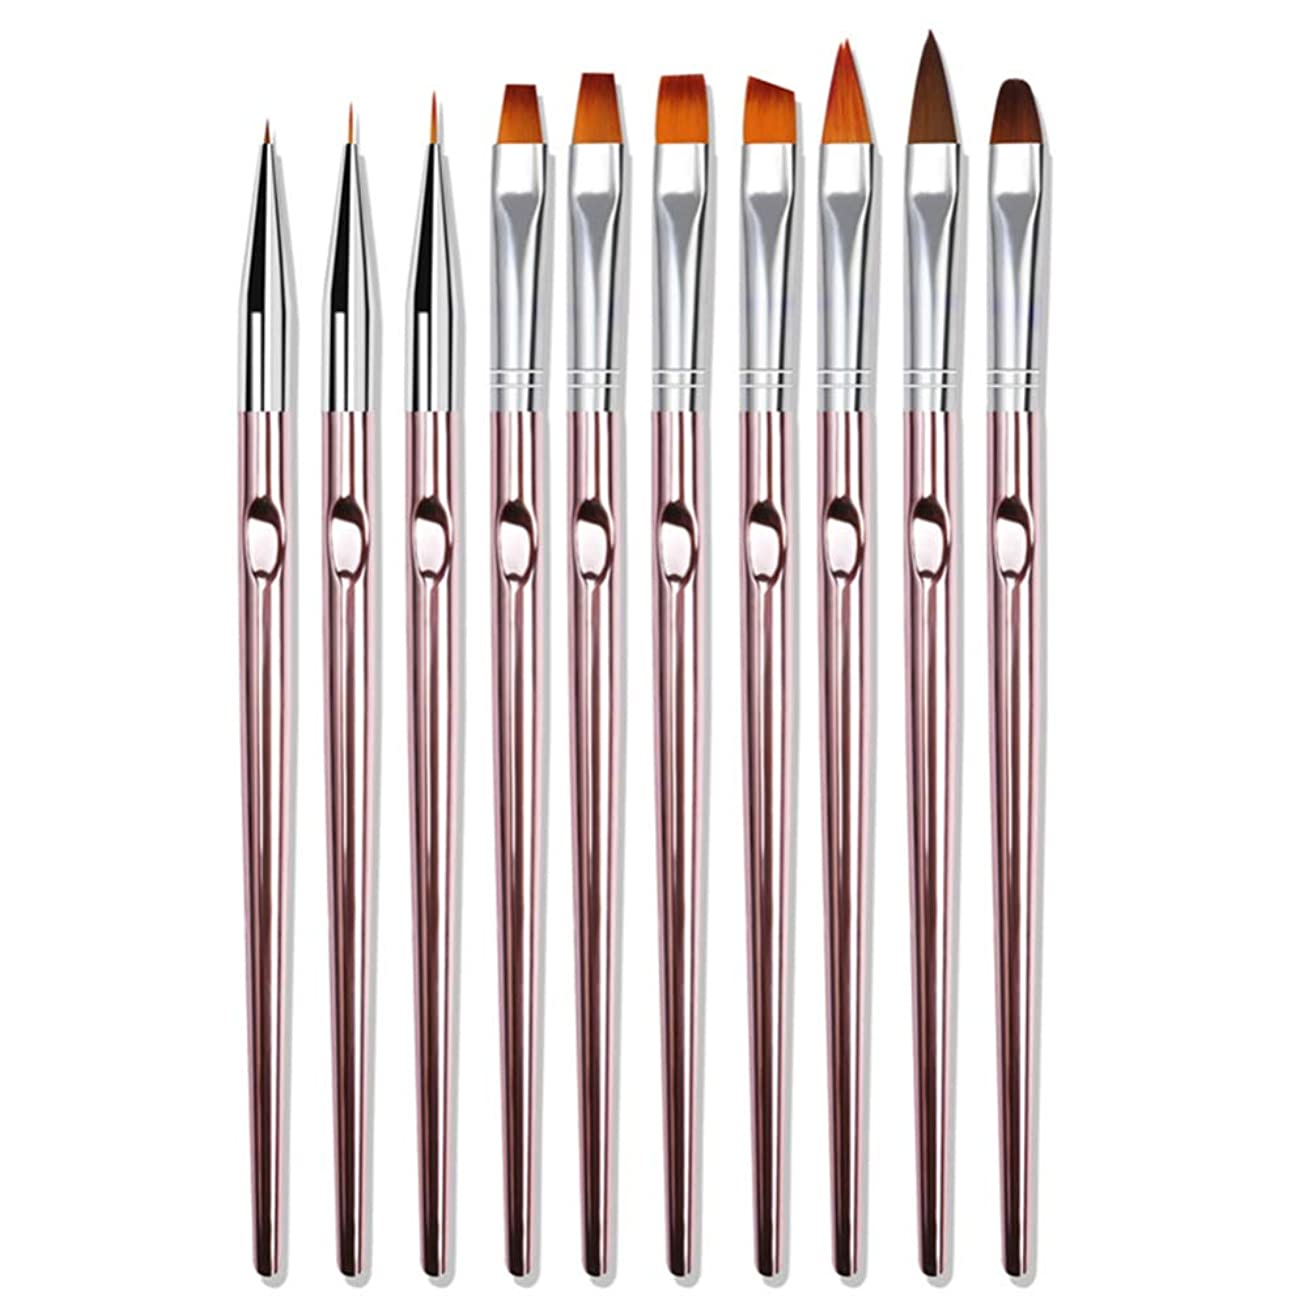 系統的値津波CHEZWU 10 PCS /セットペンピンクメタルバーUVジェルペンラインフラワーペンセット10セットのペン